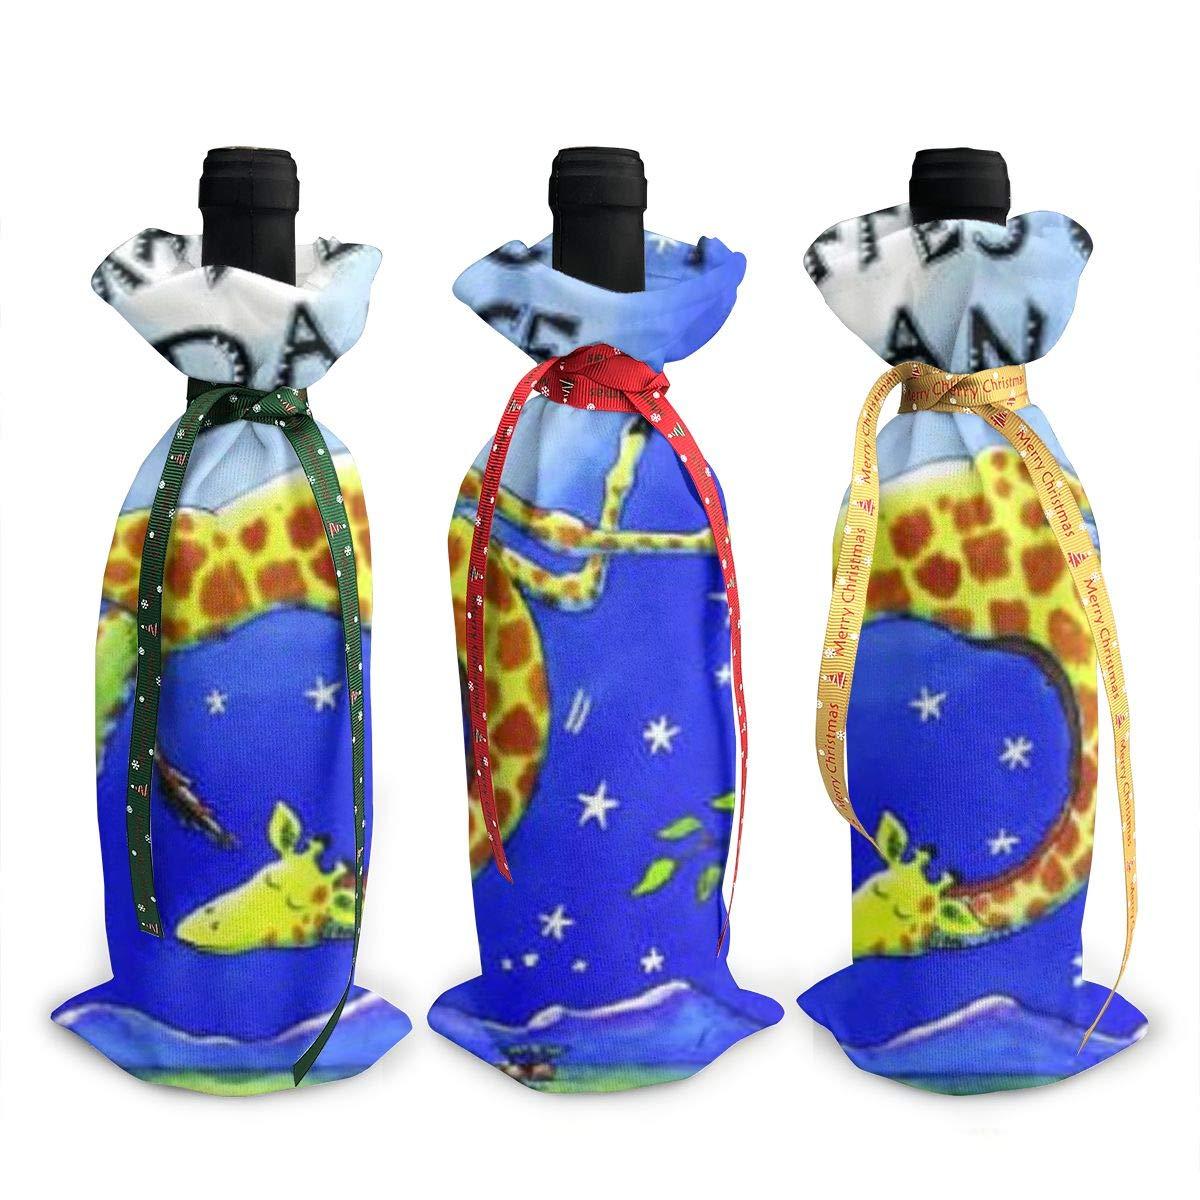 Giraffes Can't Dance ワイン トートキャリアバッグ/財布 旅行、キャンプ、ピクニック用 3個セット B07K4QN1X5